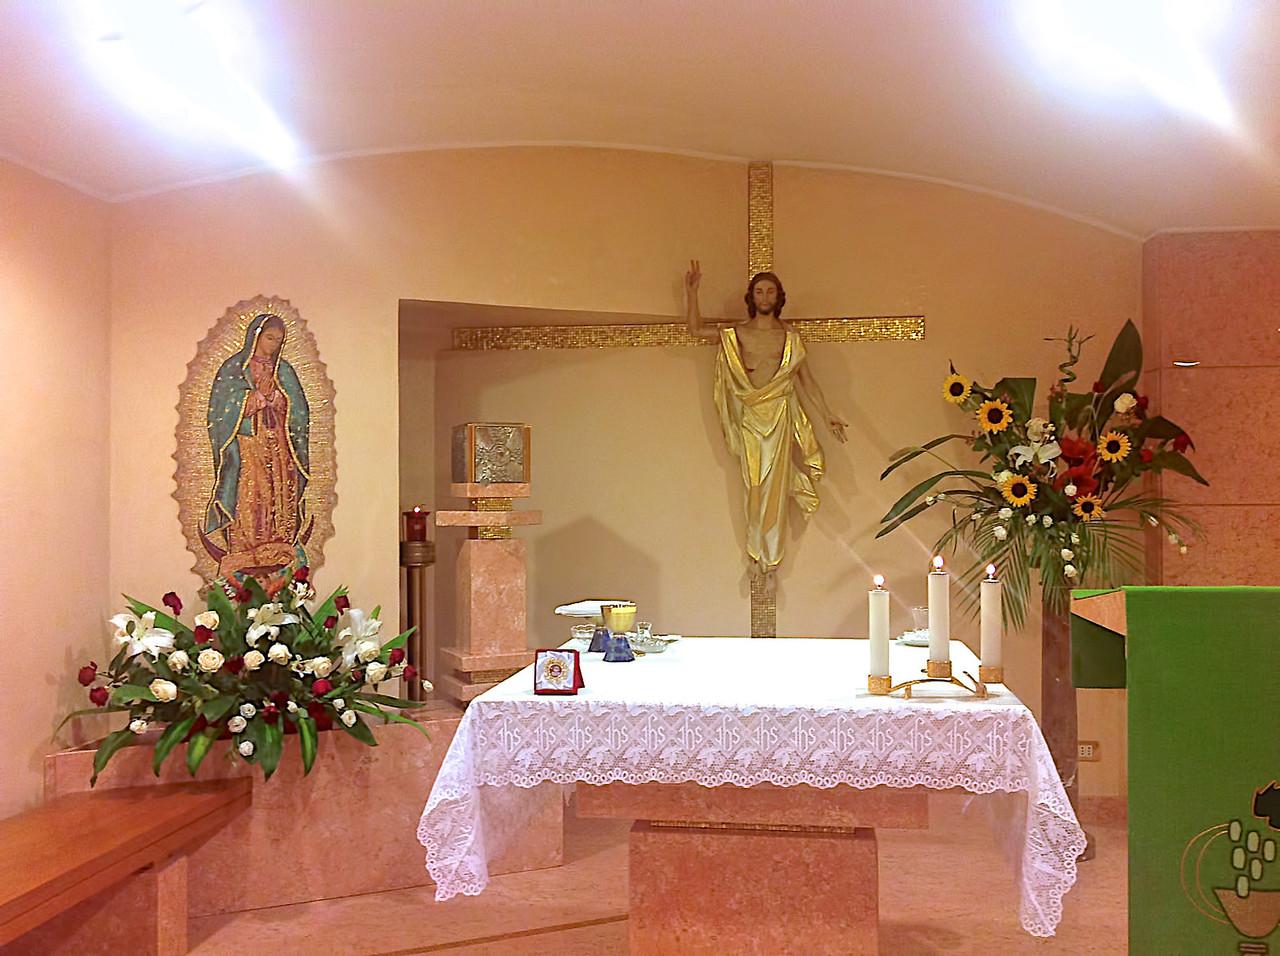 Chapelle de la Maison Villa Maria Inn tenue par les petites soeurs Mexicaines.